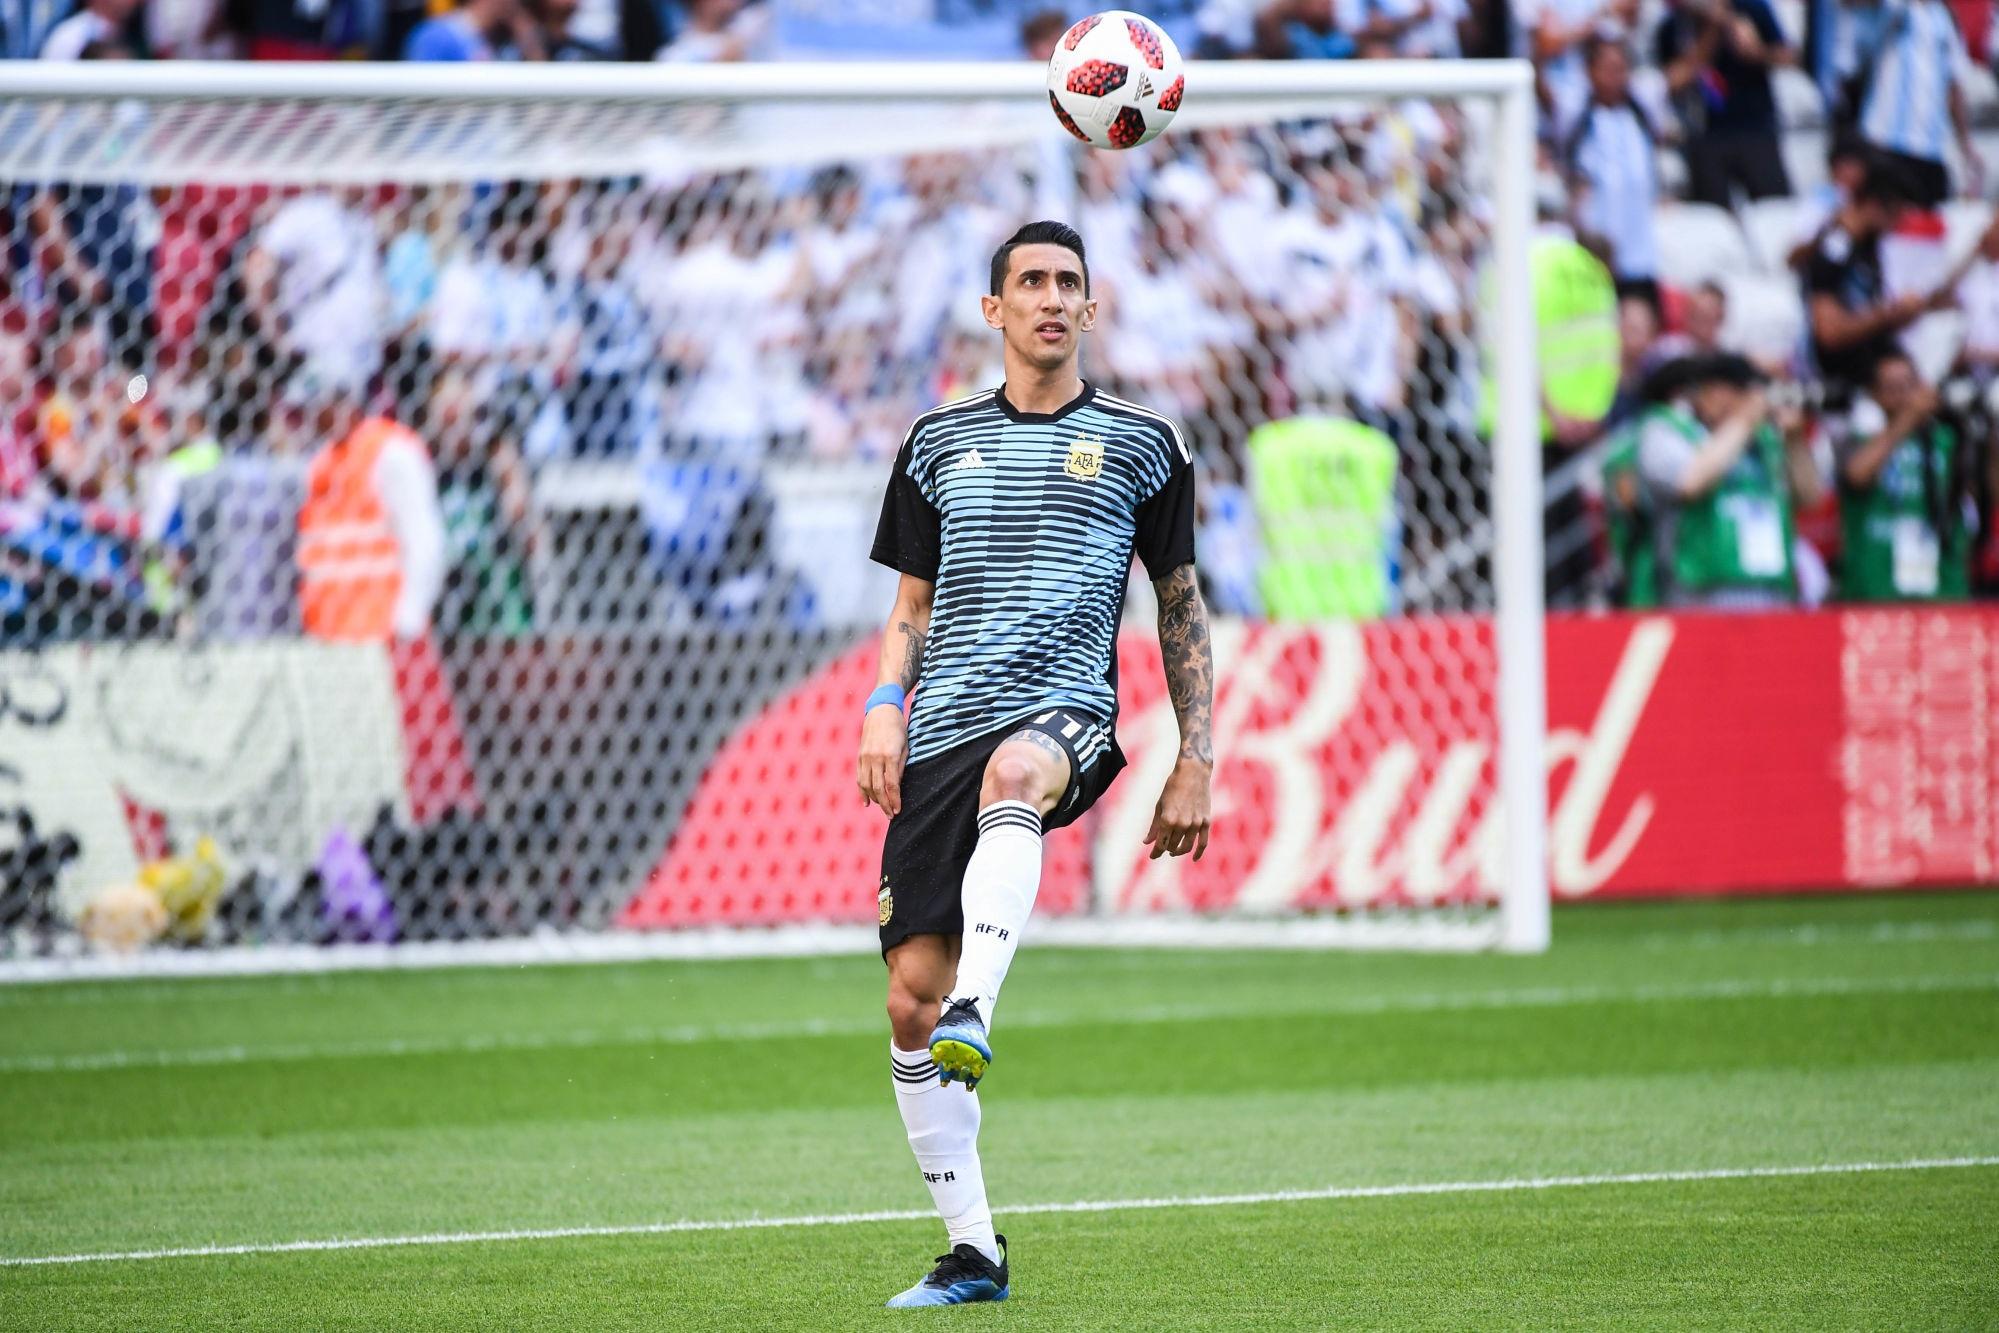 """Paredes assure que Di Maria est """"très heureux"""" de retrouver la sélection de l'Argentine"""